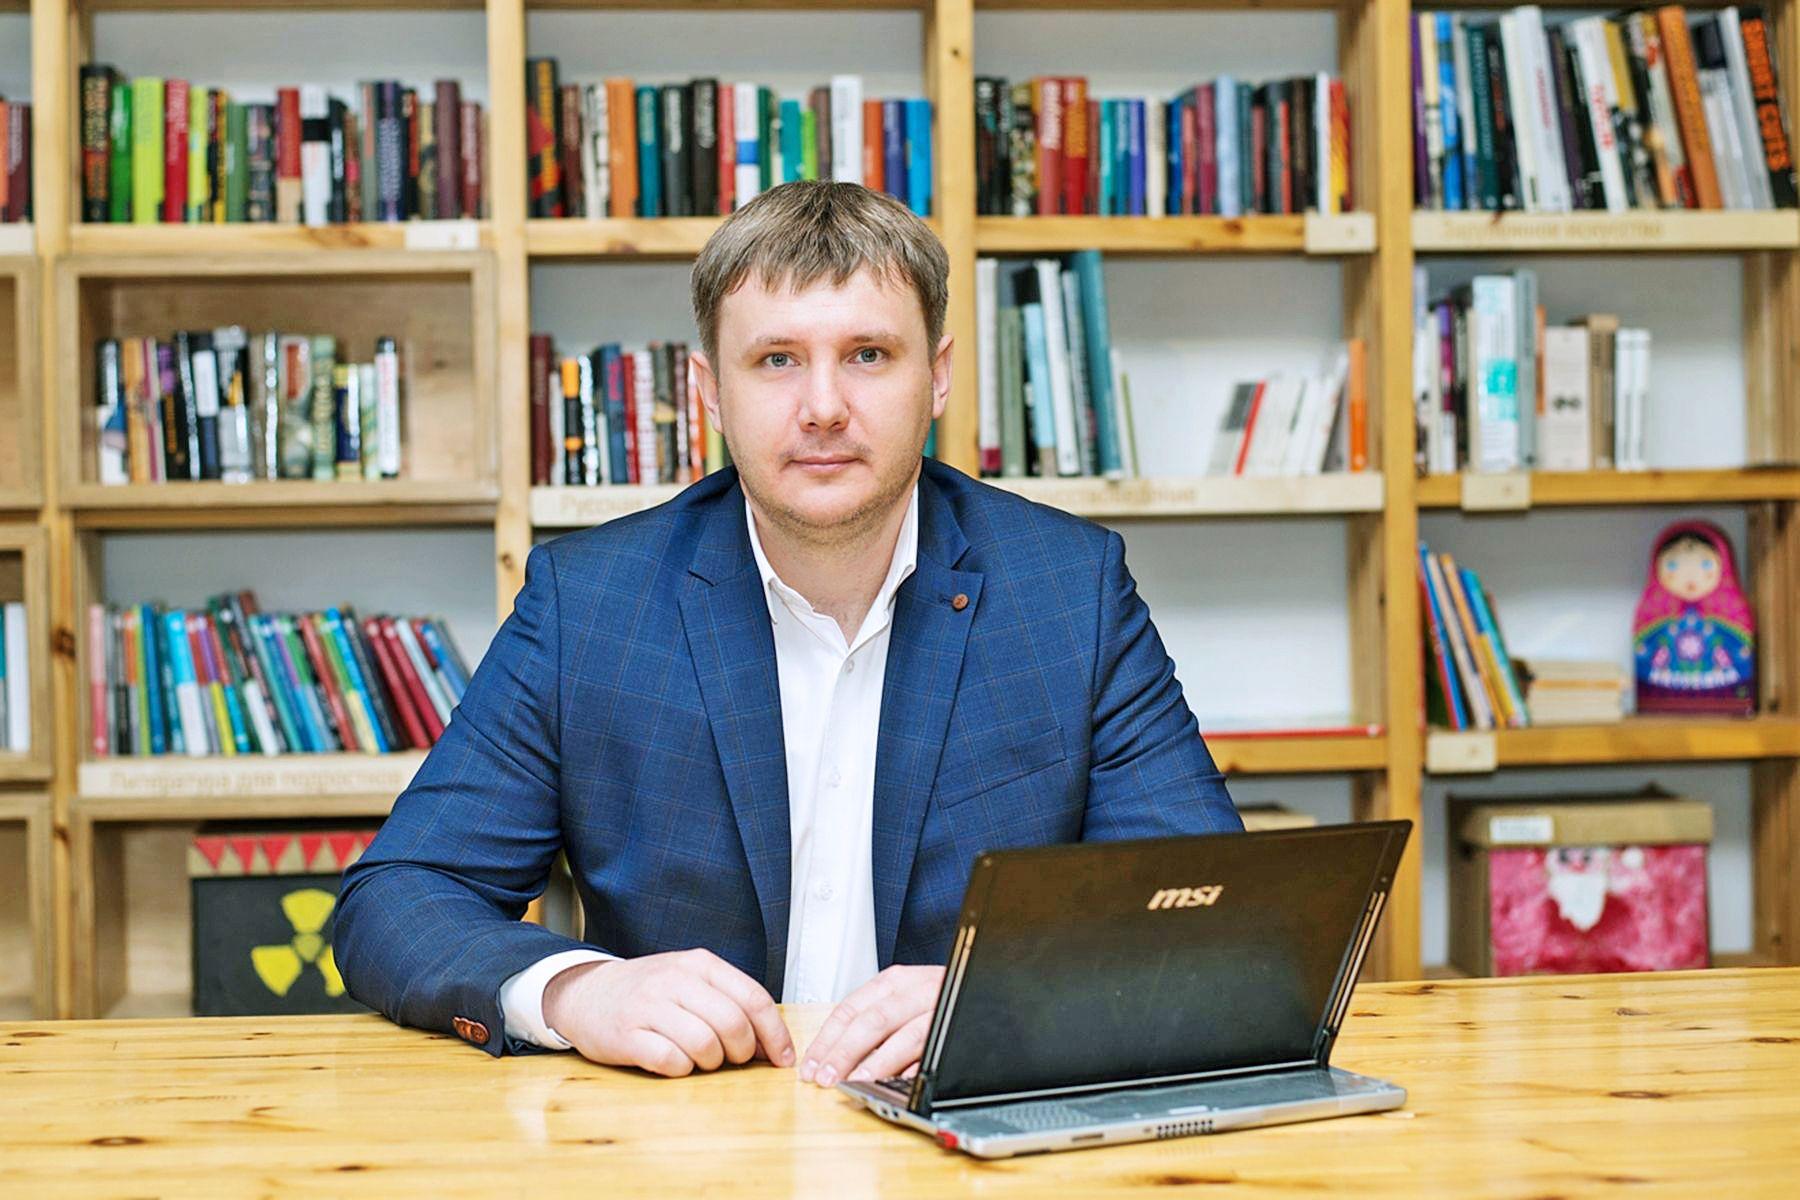 Три преподавателя ВГУЭС получили от Высшей аттестационной комиссии РФ подтверждение присуждения ученой степени